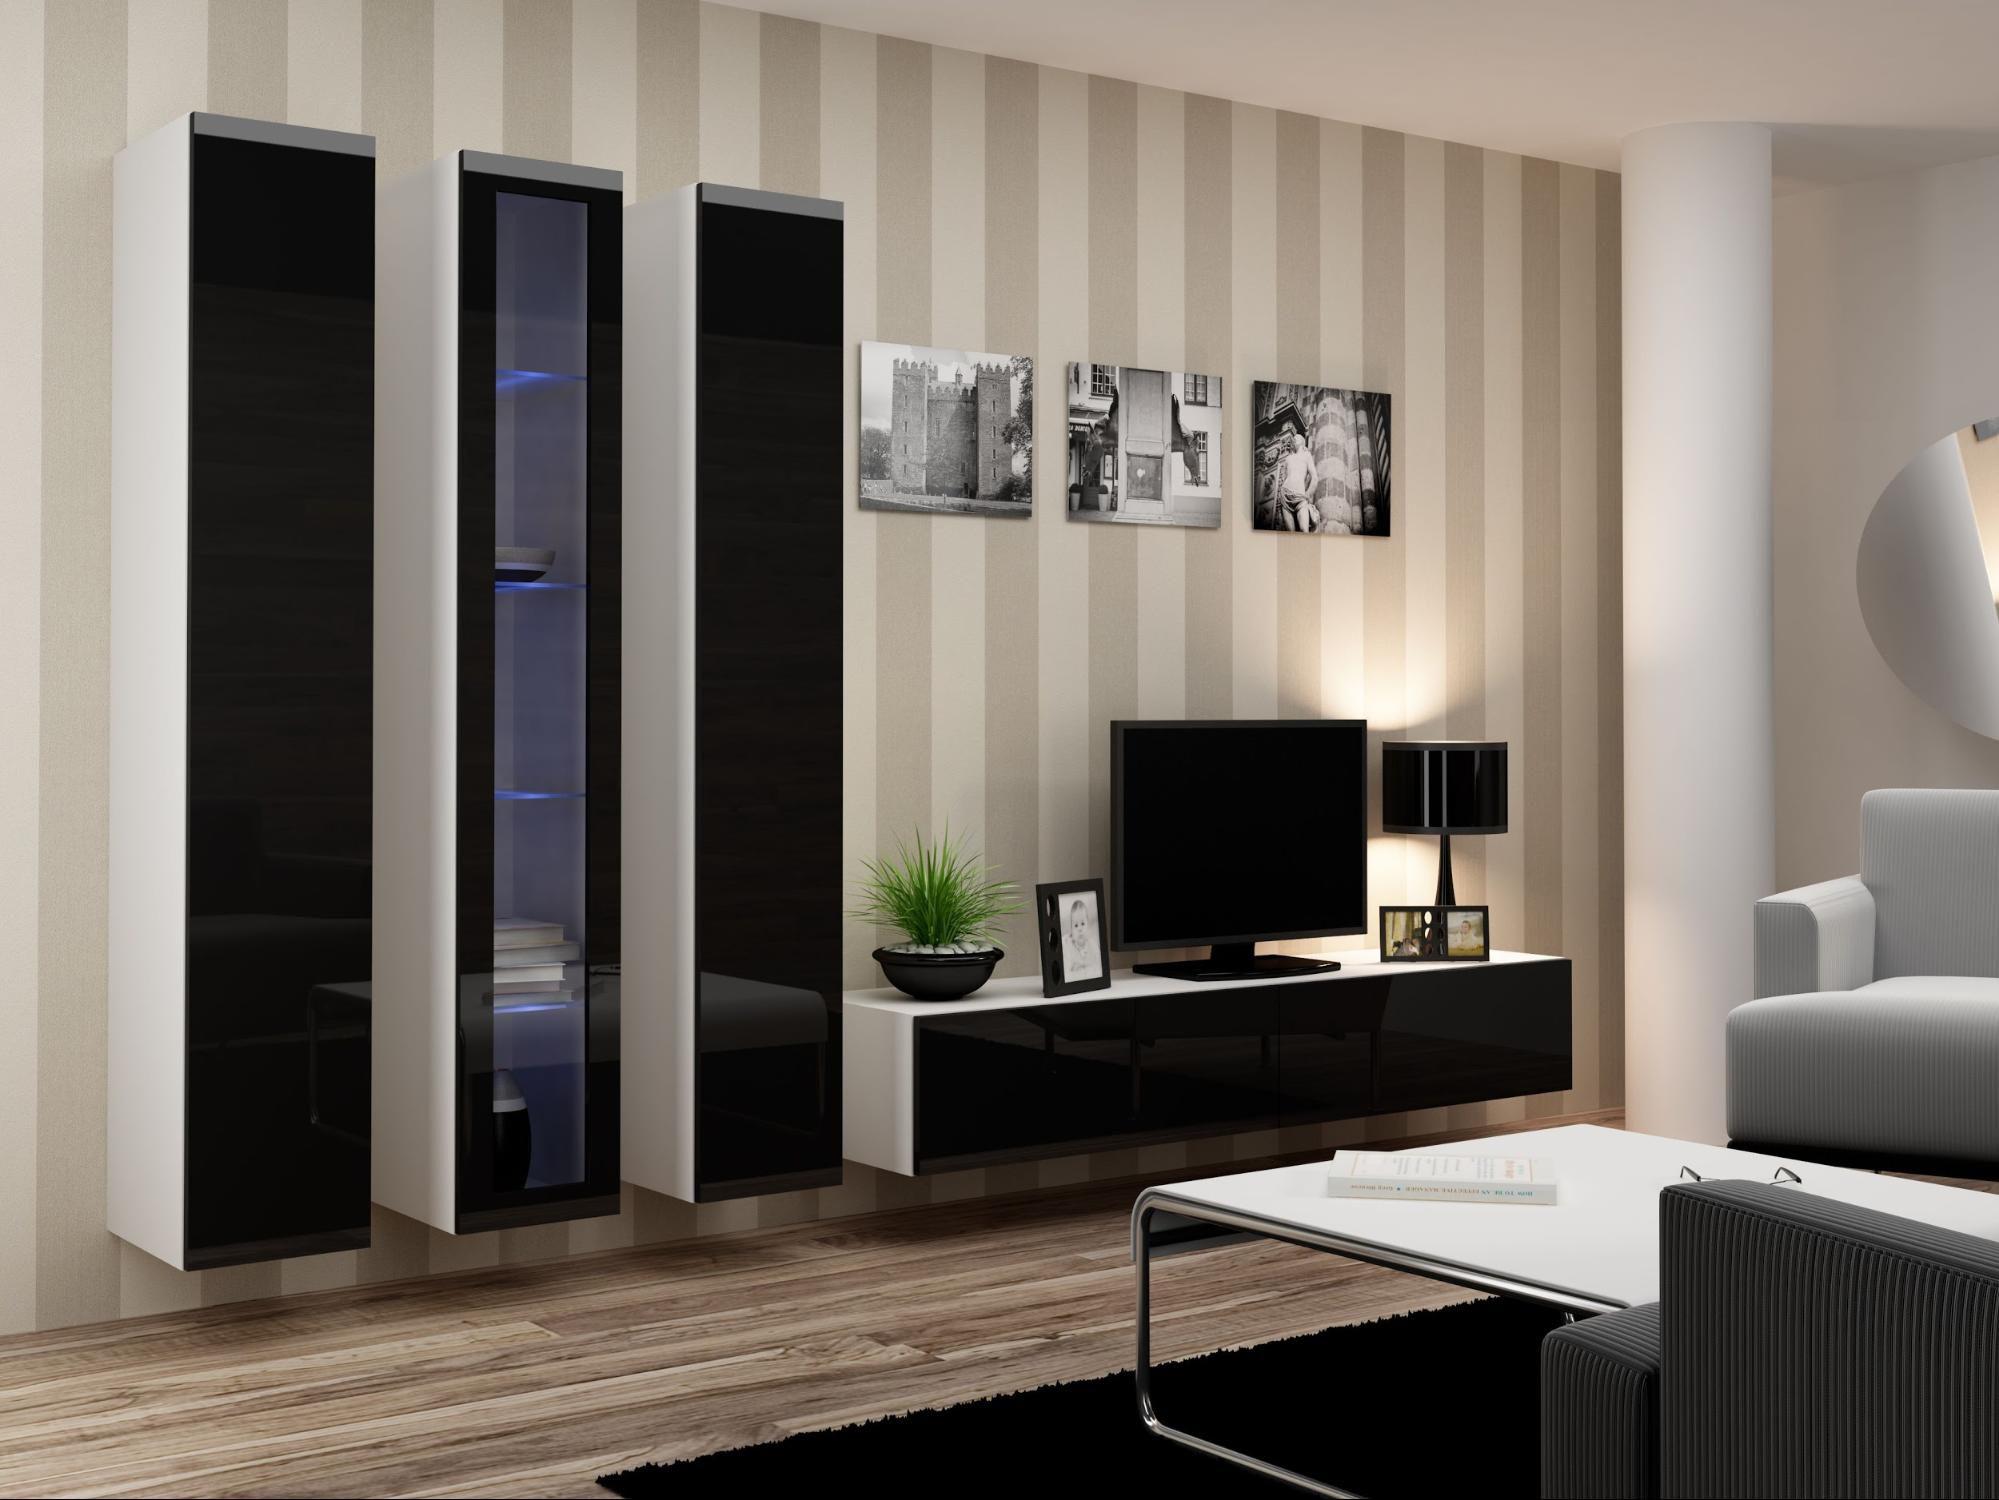 решили мебель для зала в квартире фото работе швеёй